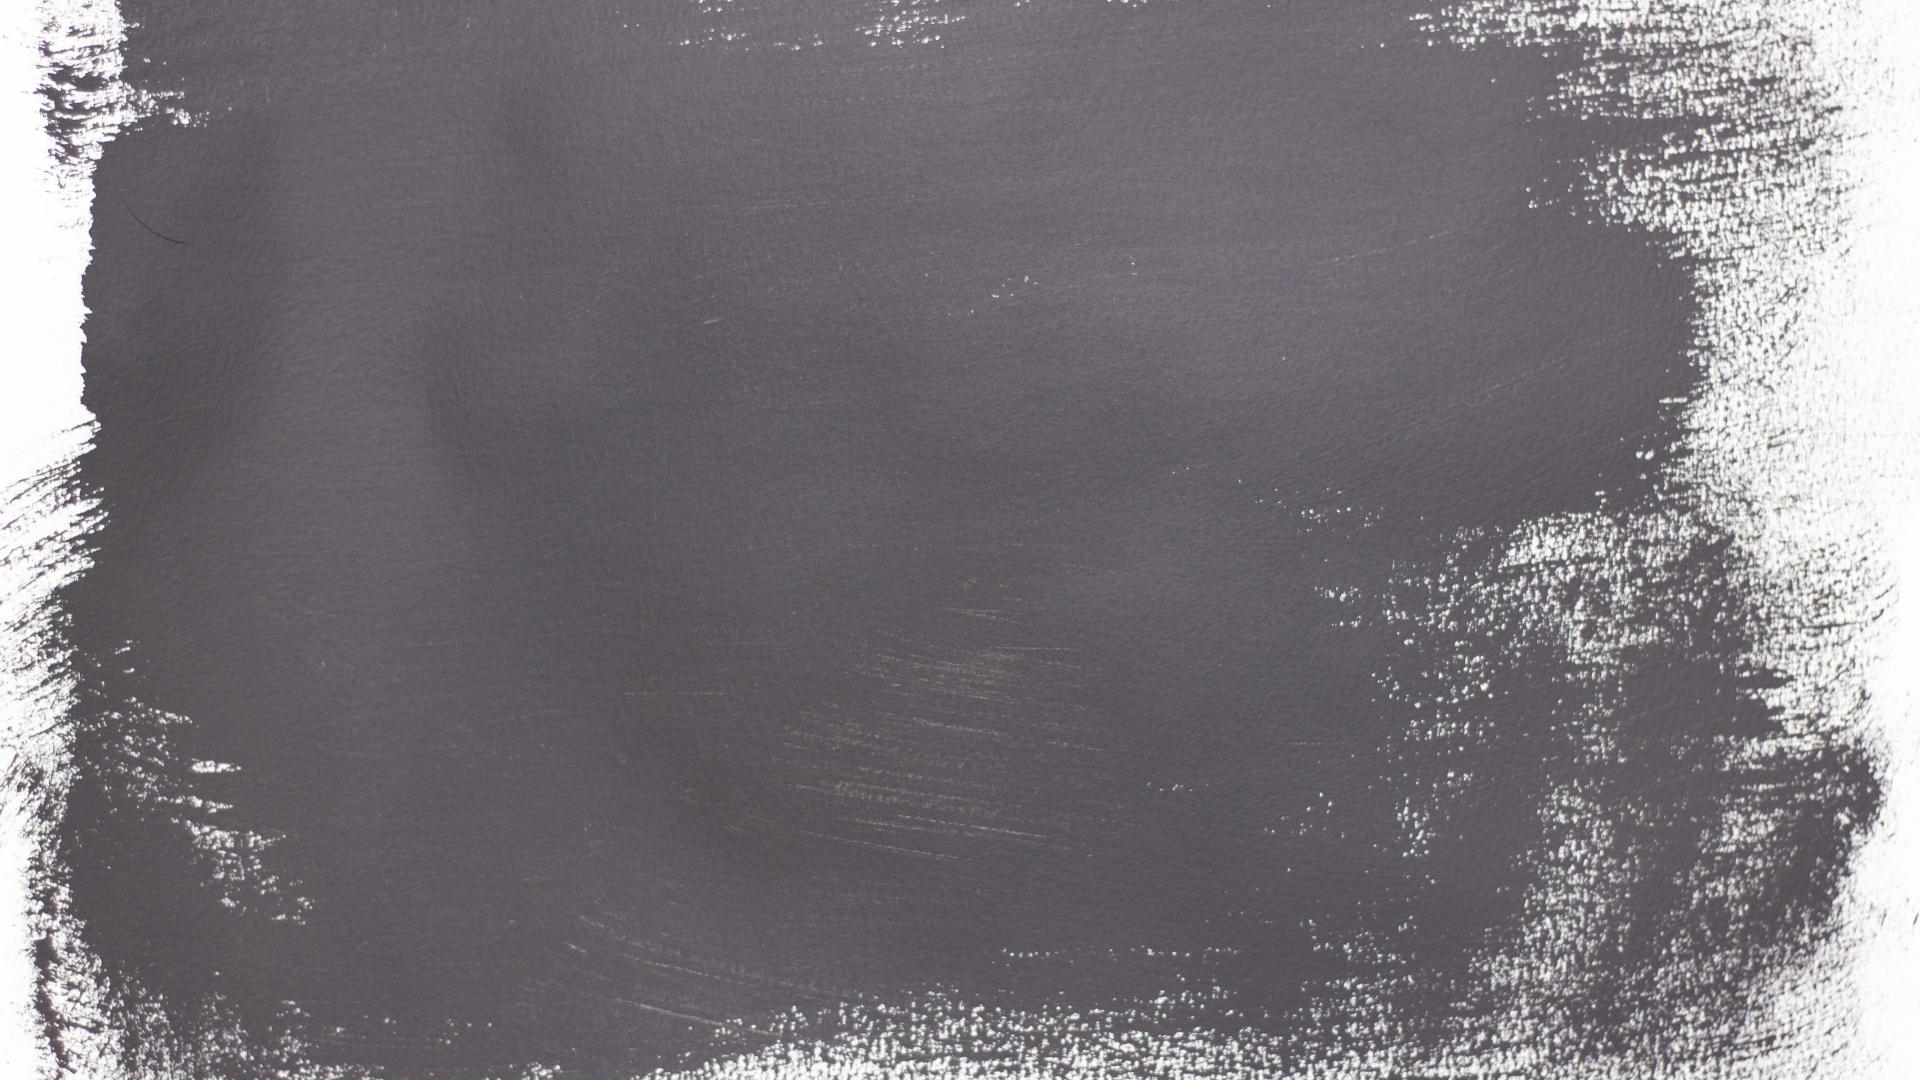 Paper Texture Dry paint